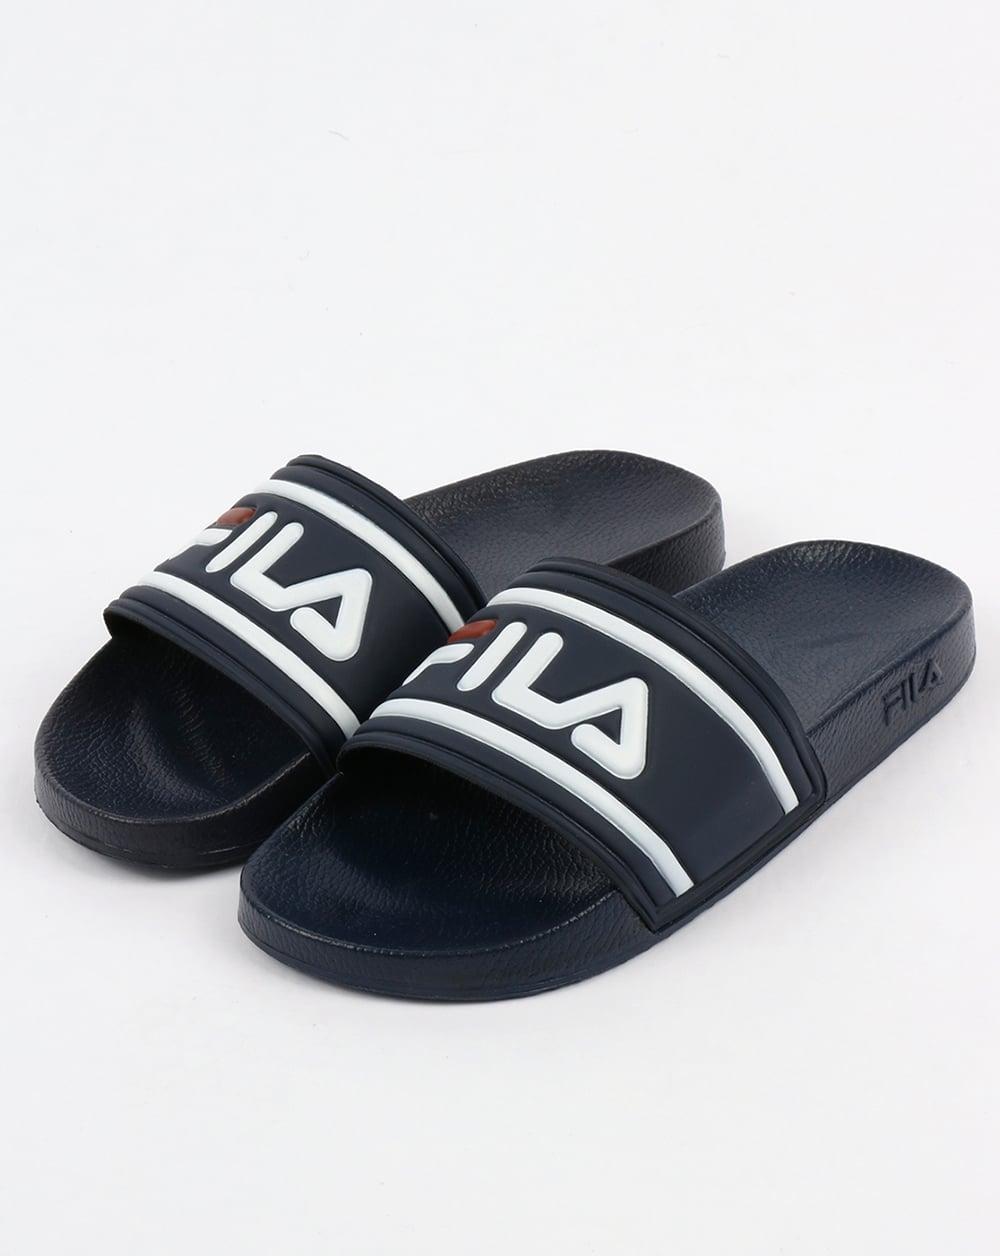 Fila Vintage Morro Bay Slides Navy Blue Sliders Sandals